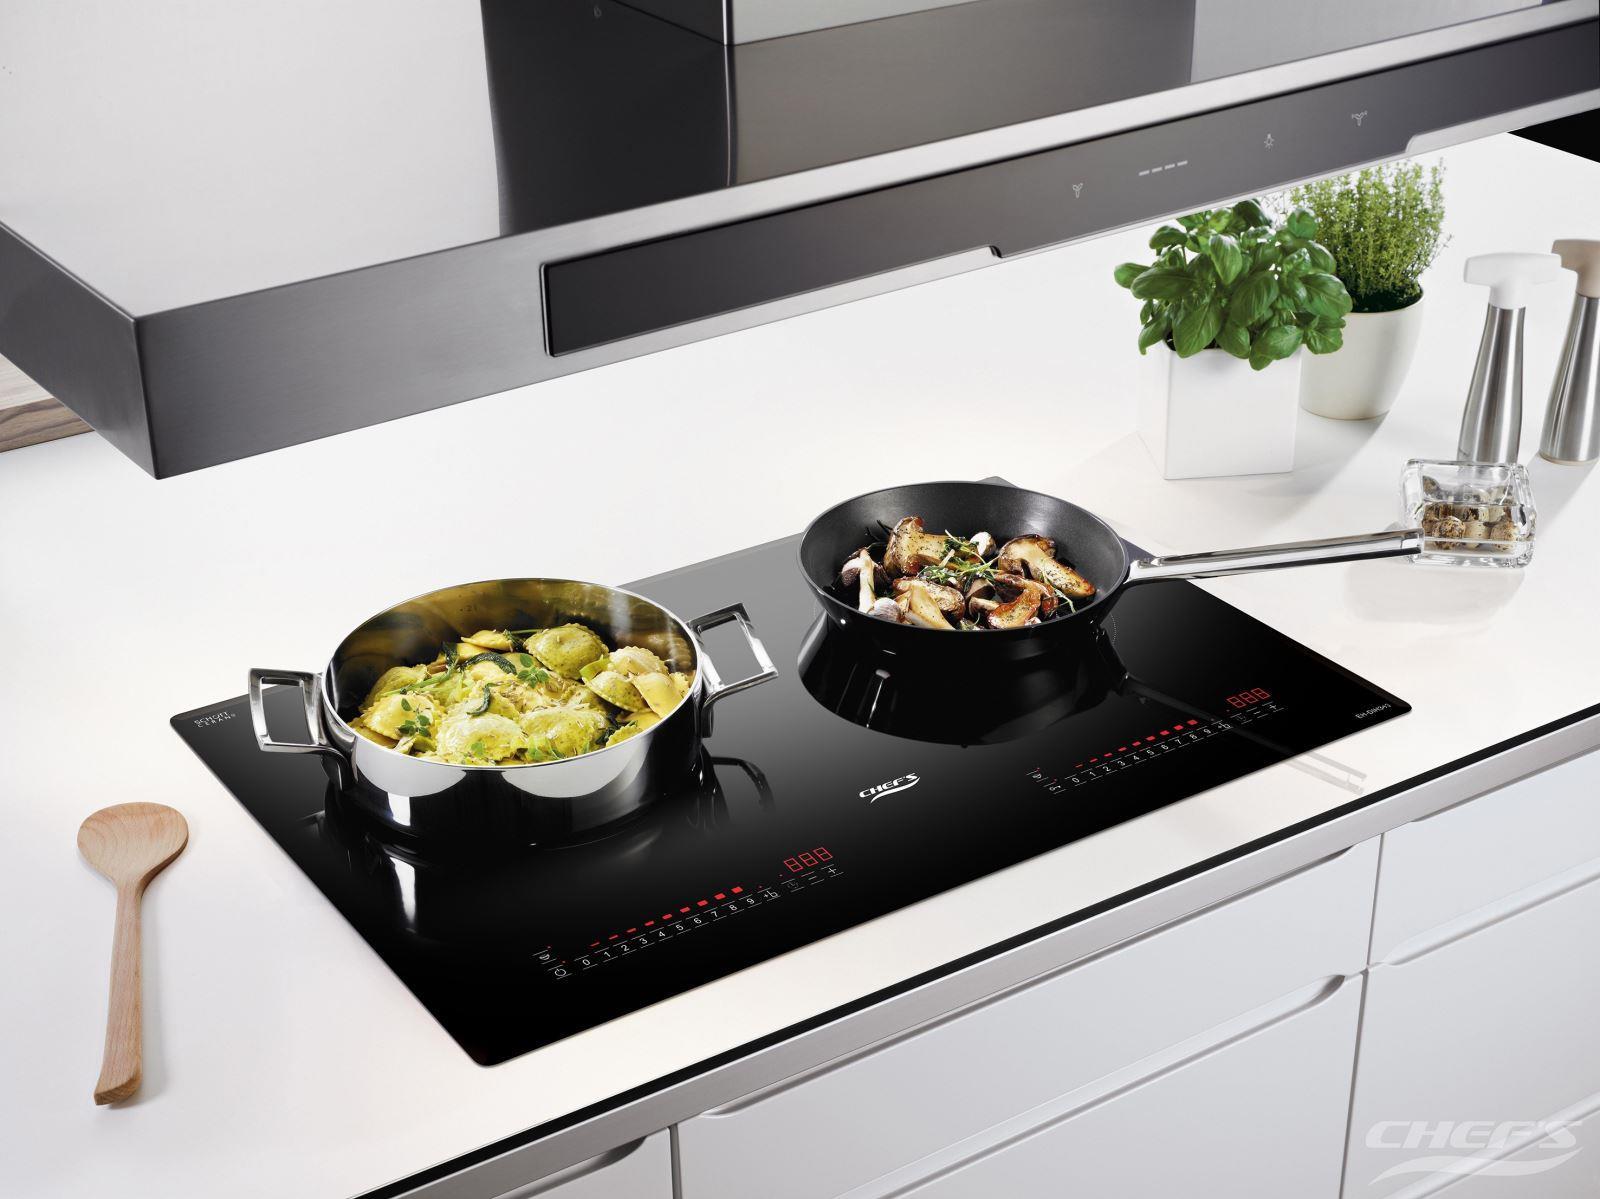 Bếp từ Chefs EH-DIH343 thiết kế riêng biệt 2 vùng nấu, công suất cực đại lên tới 3000W